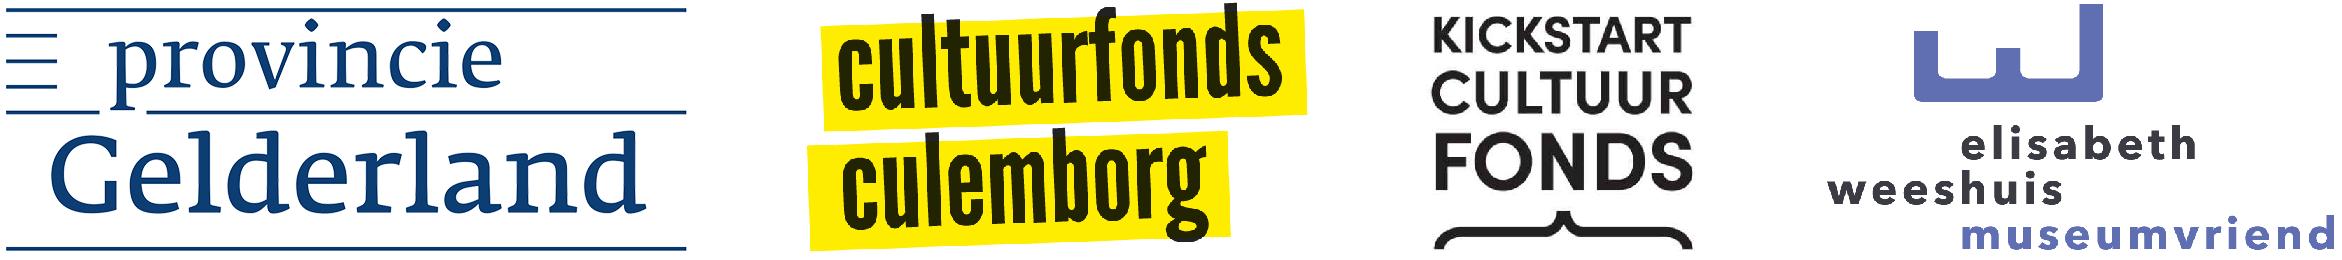 Mede mogelijk gemaakt door de subsidiënten Provincie Gelderland, Cultuurfonds Culemborg, Kickstart Cultuurvonds en de Vrienden